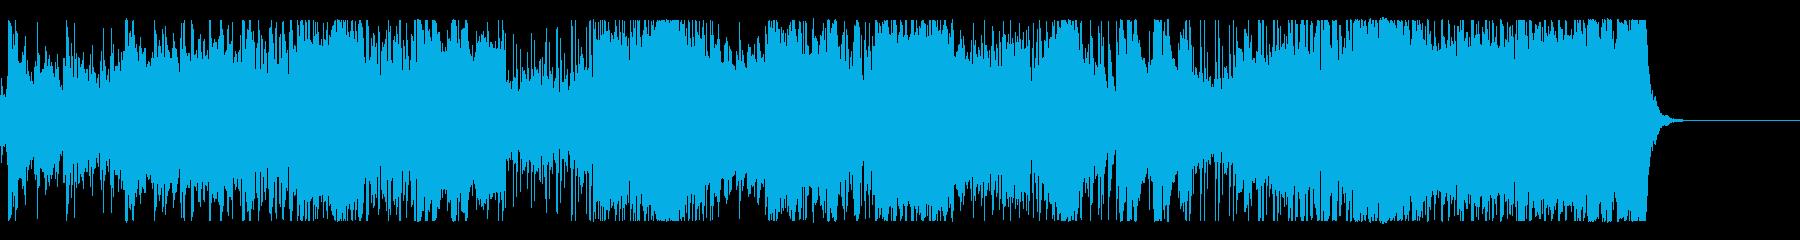 尺八をフューチャーした激しいロックの再生済みの波形